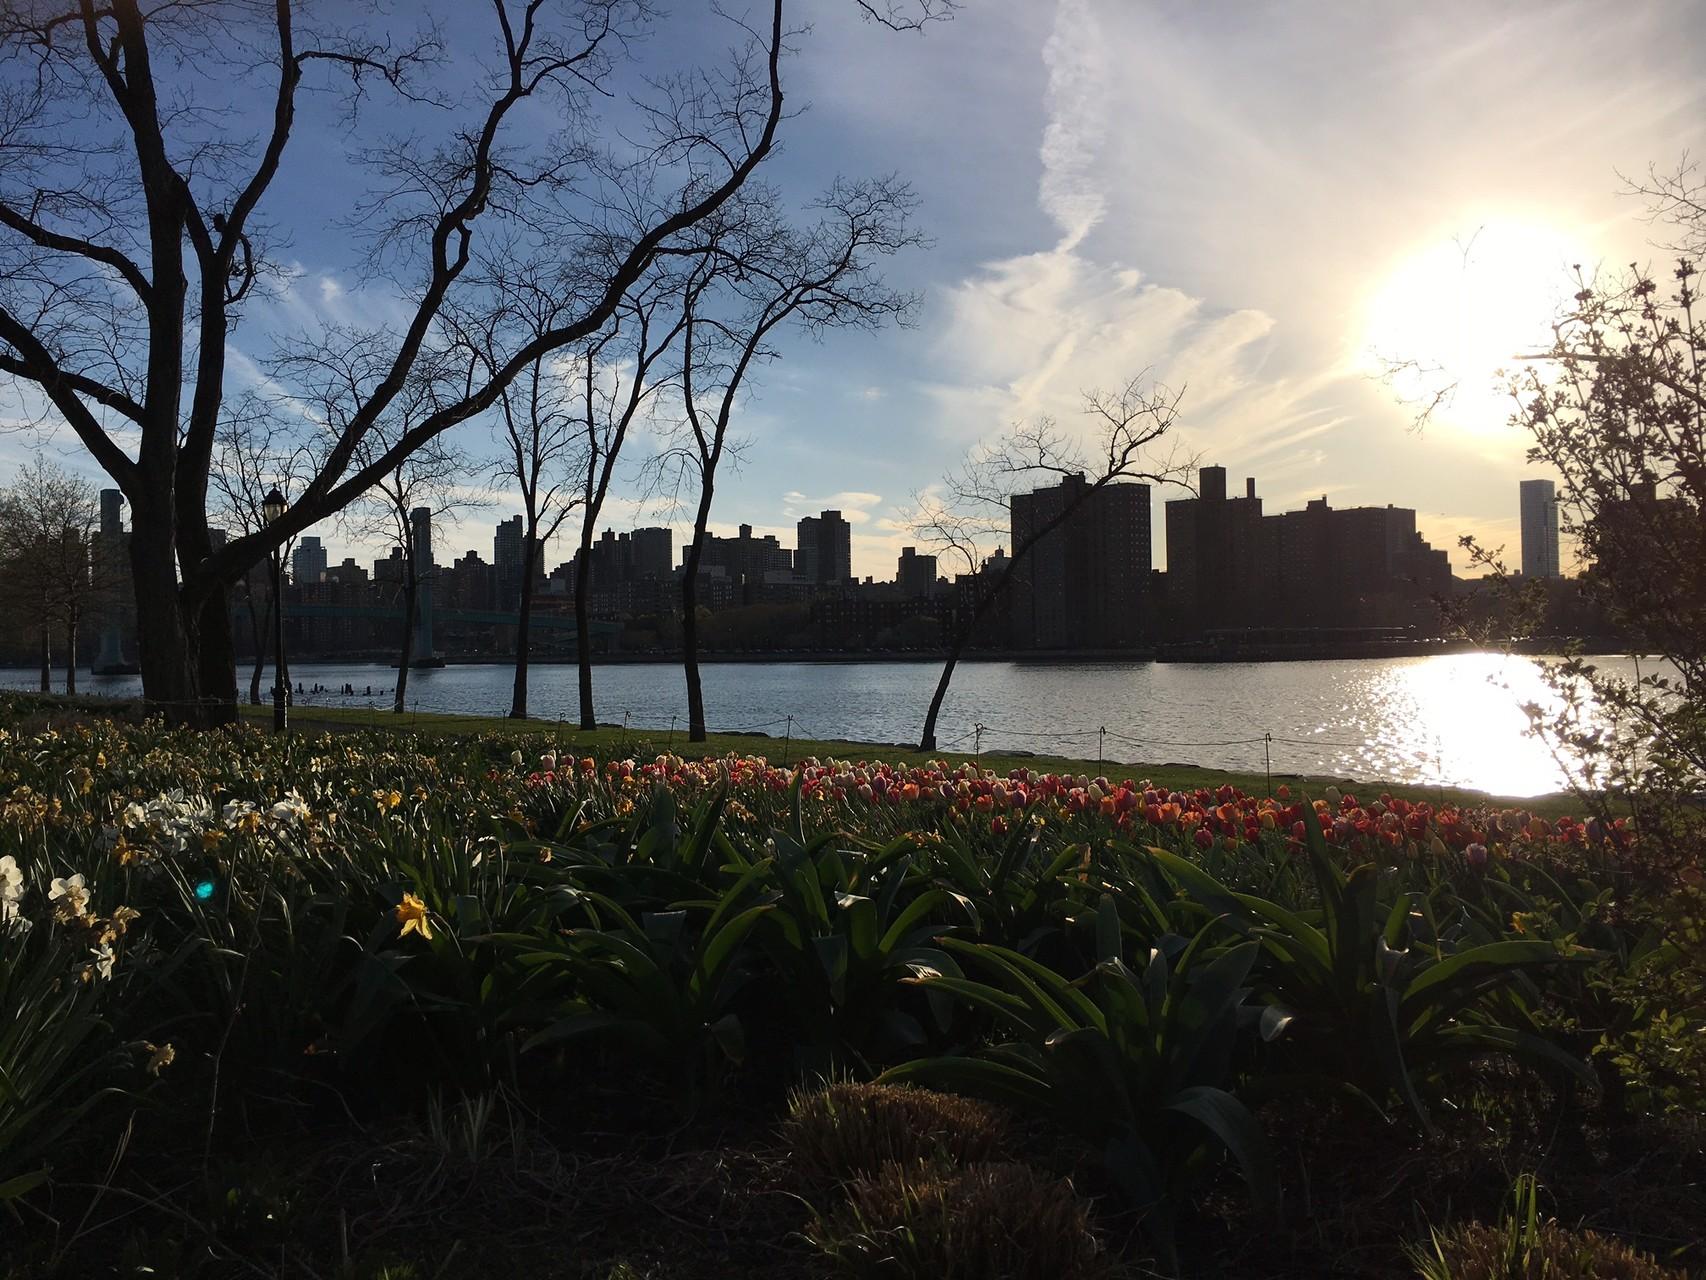 Ward's Island, April 19, 2016